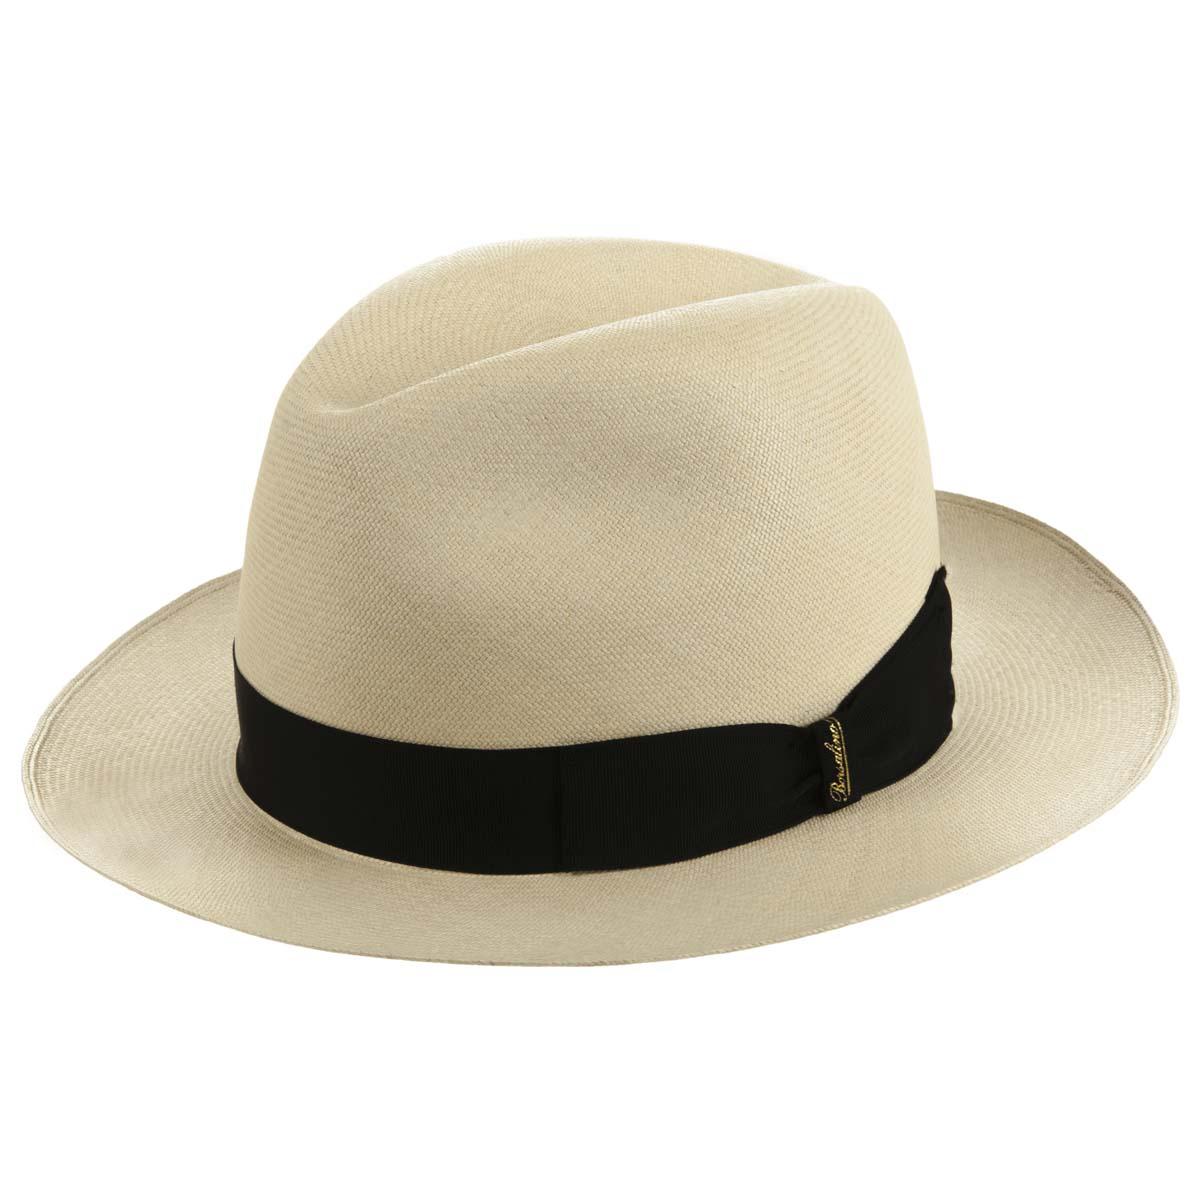 Cappello di lusso Panama Montecristi firmato BORSALINO ... 140f1c8315af